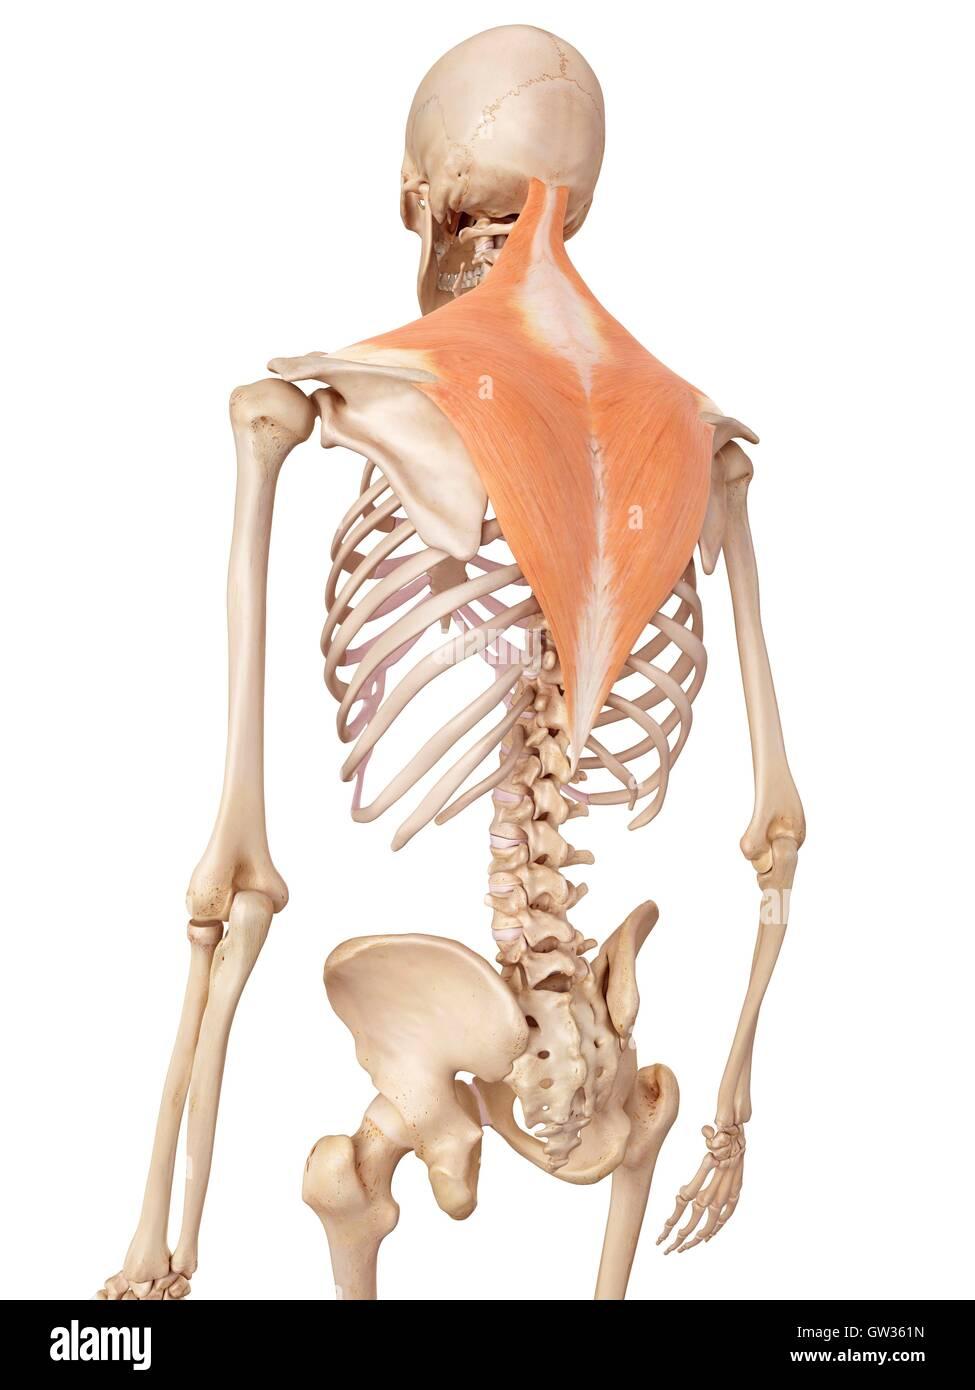 Charmant Schultermuskulatur Anatomie Zeitgenössisch - Menschliche ...